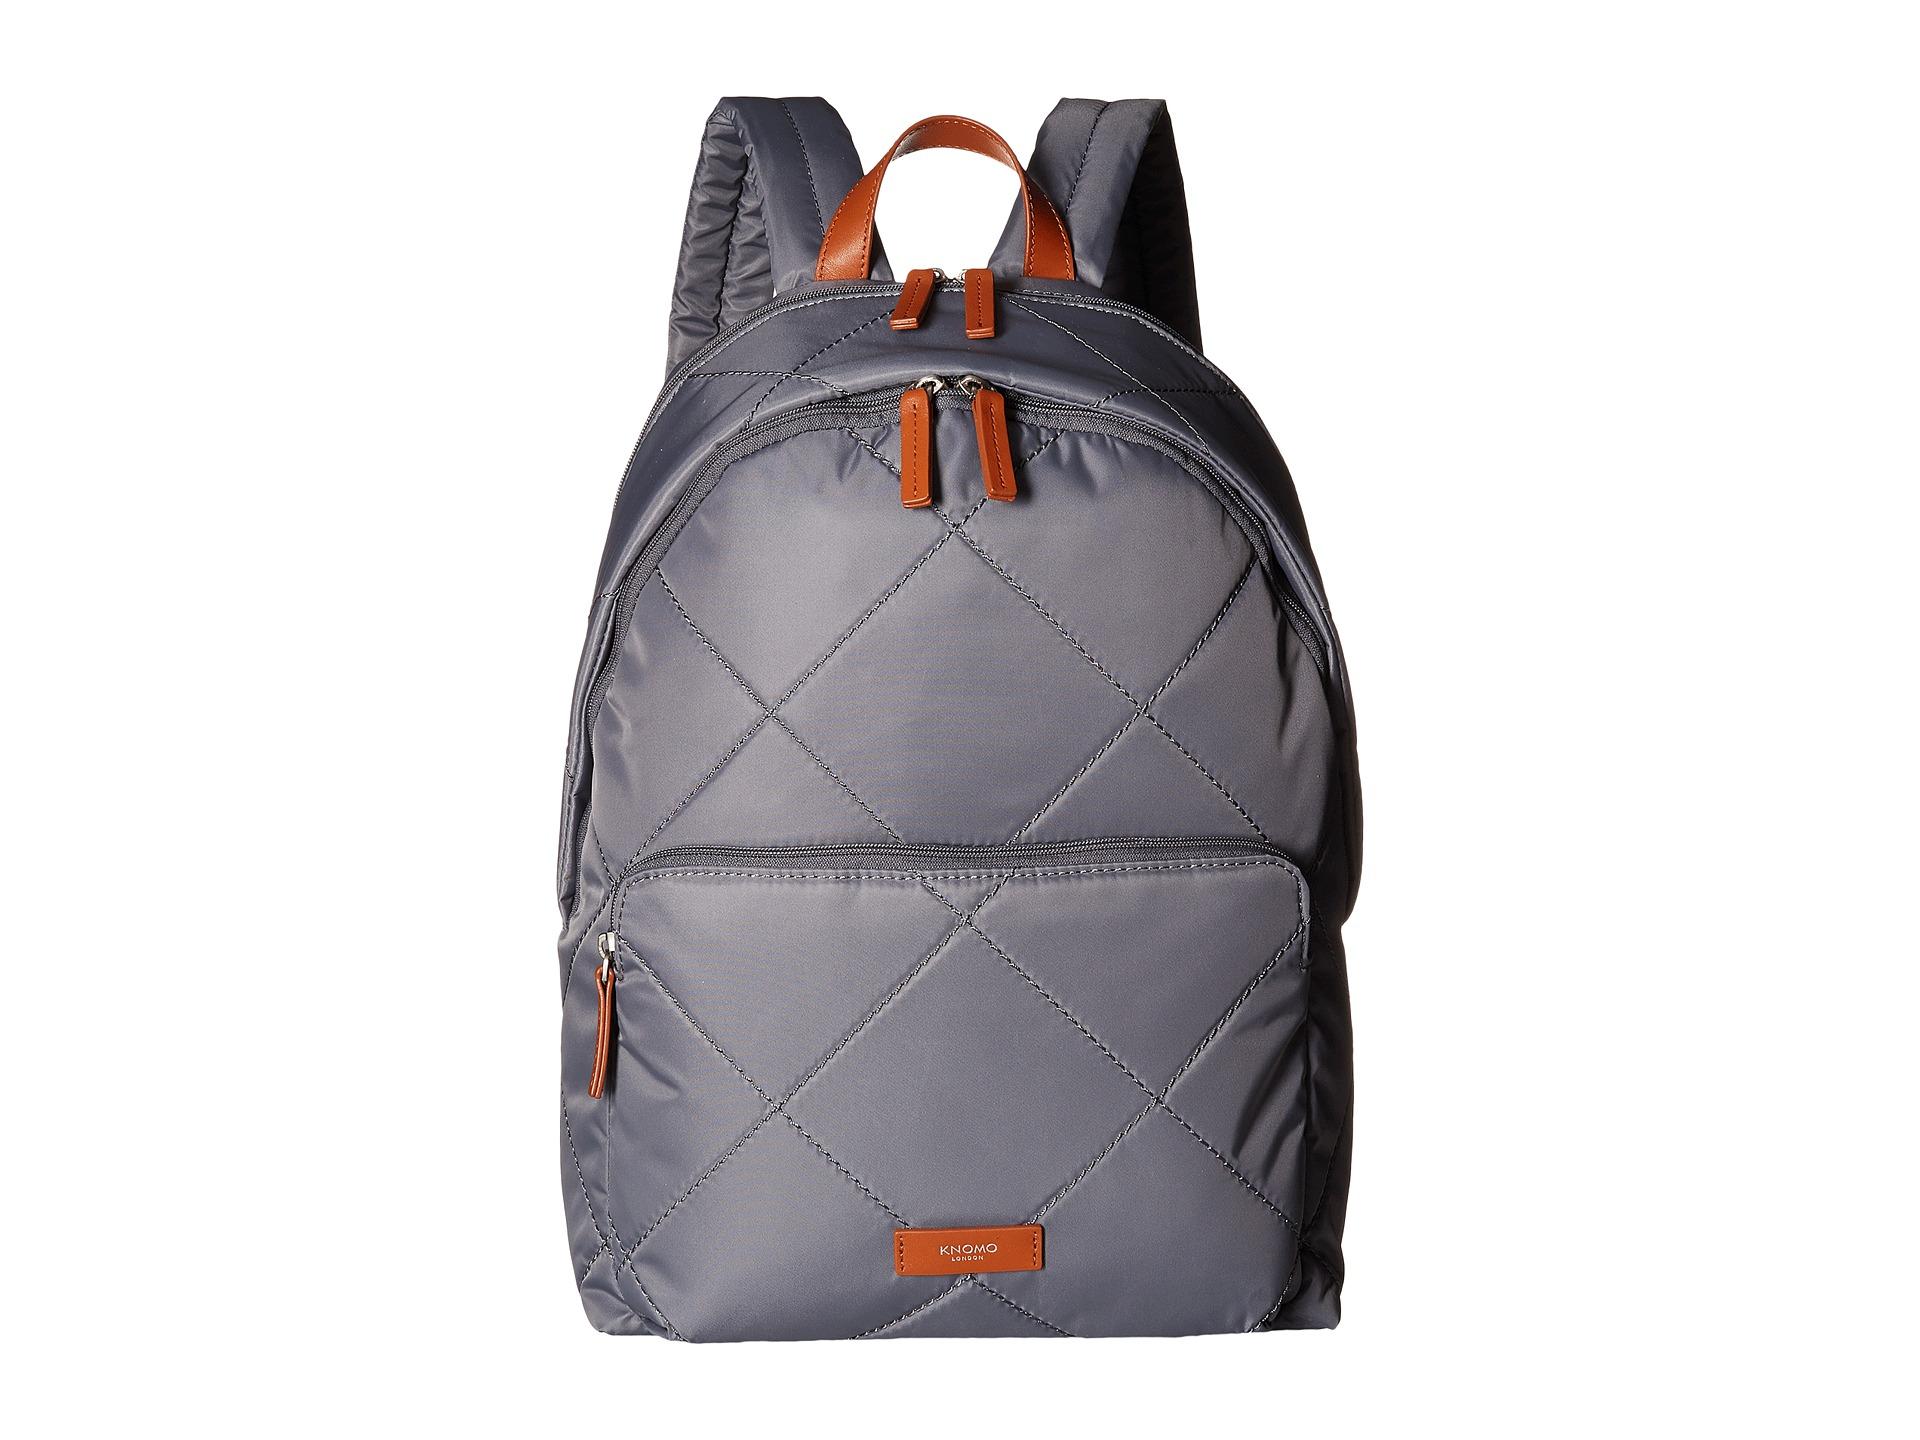 lyst knomo bathurst laptop backpack in gray. Black Bedroom Furniture Sets. Home Design Ideas